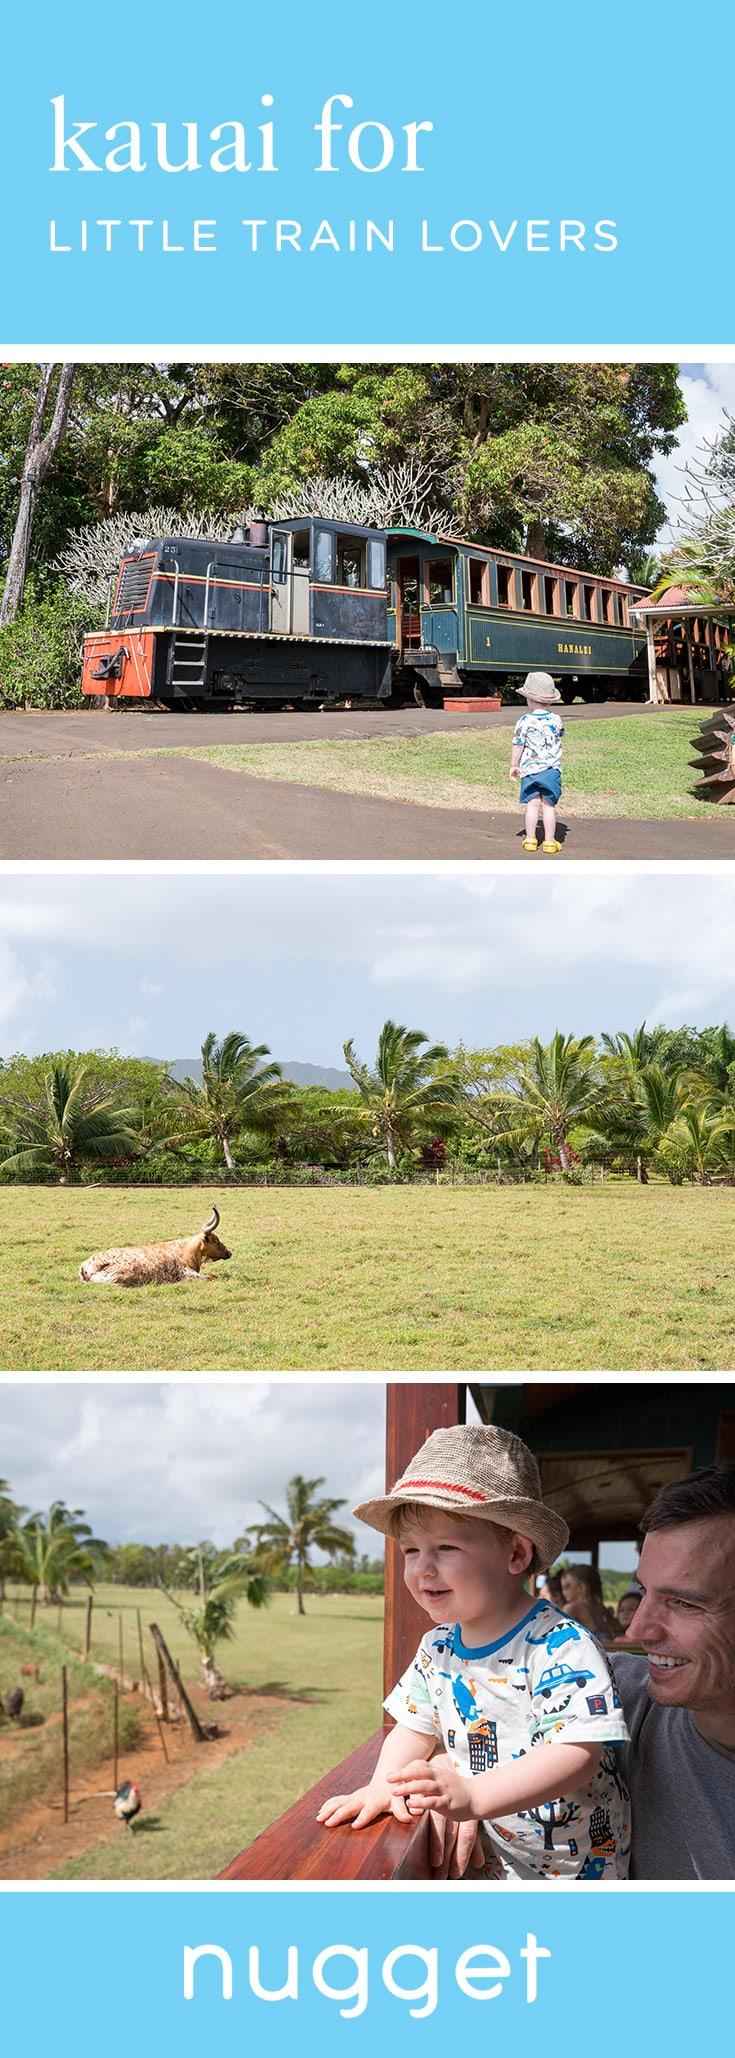 Kauai for Train Lovers